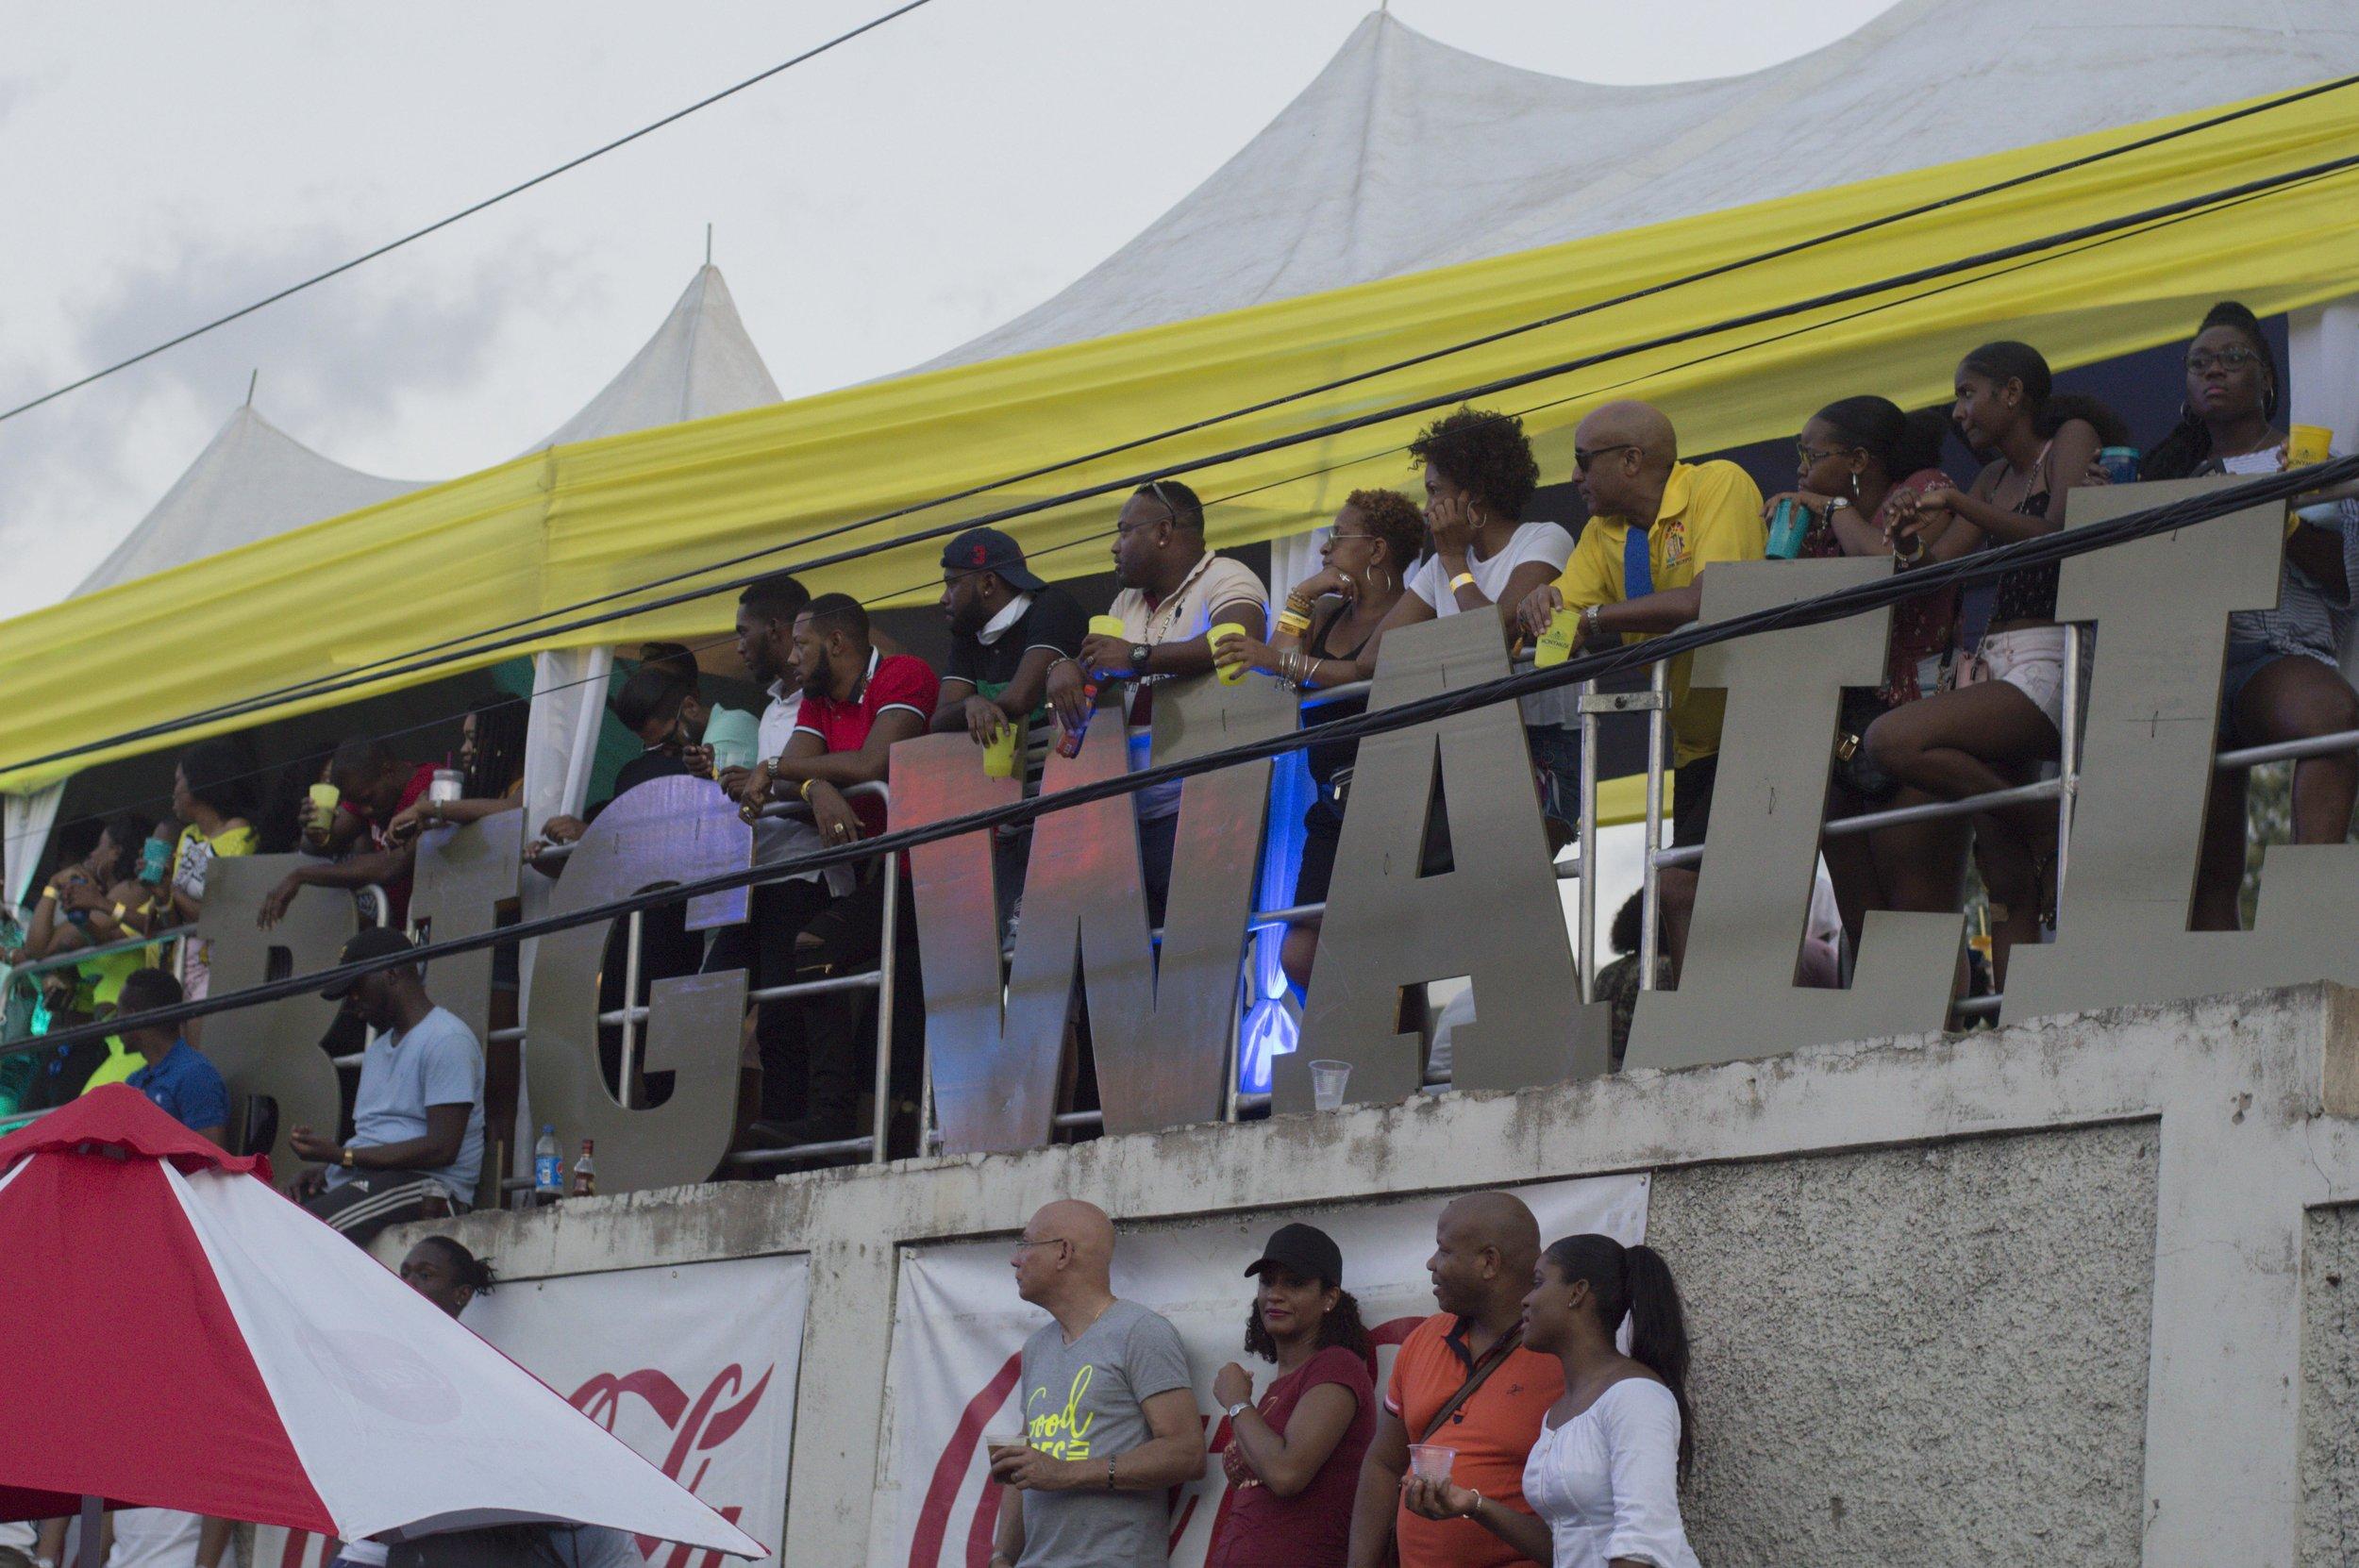 carnival2019_jeanalindo-97.jpg